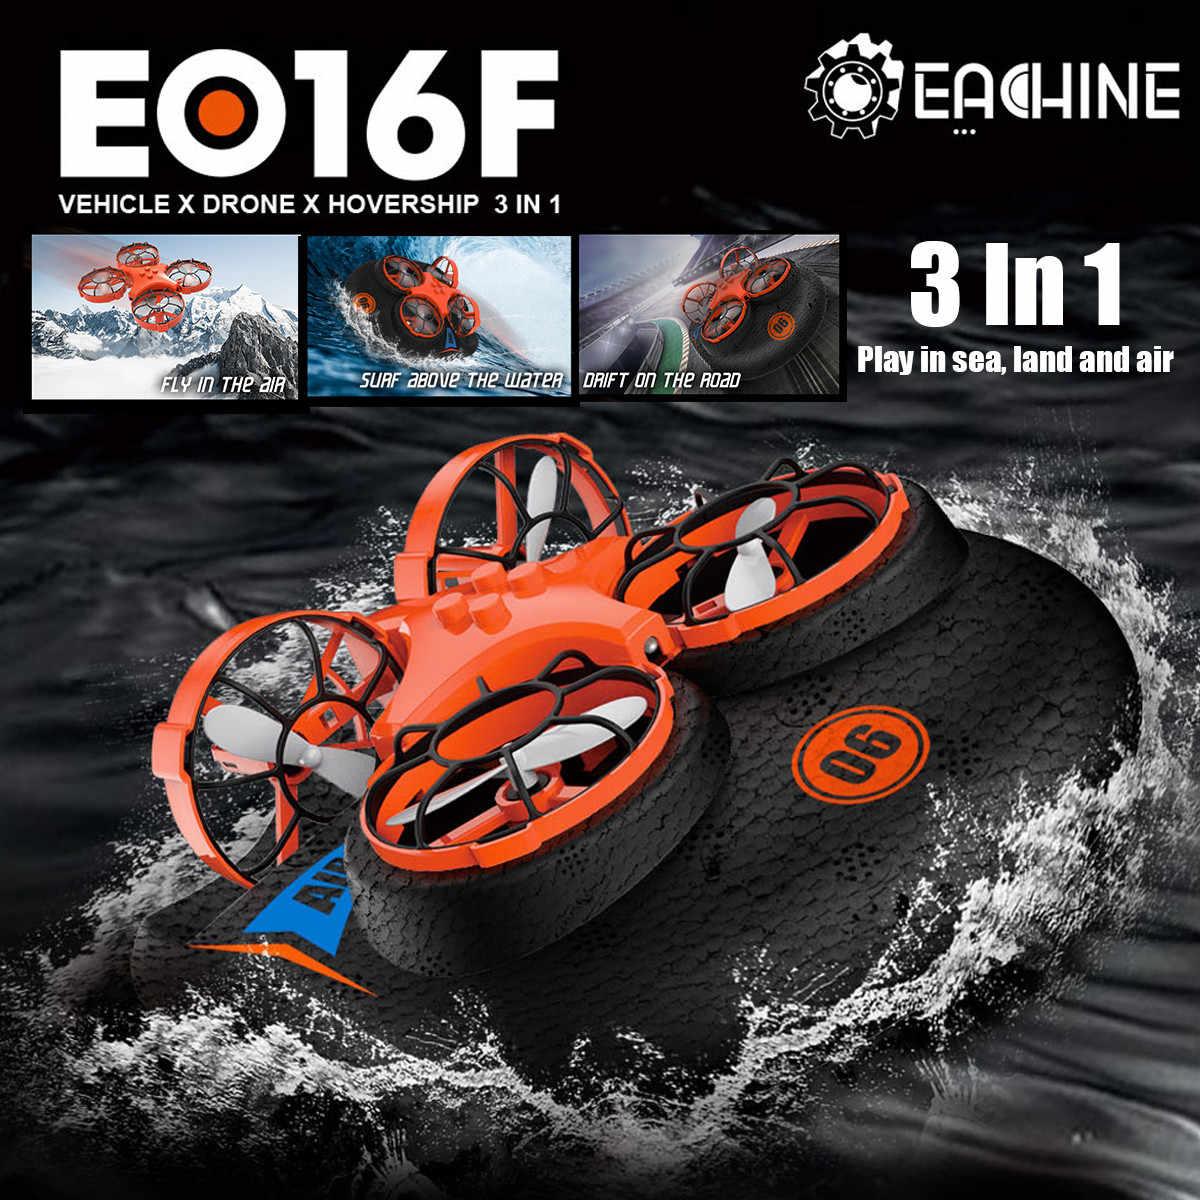 Eachine E016F 3-en-1 EPP avion volant bateau Mode de conduite terrestre détachable une clé retour RC quadrirotor RTF